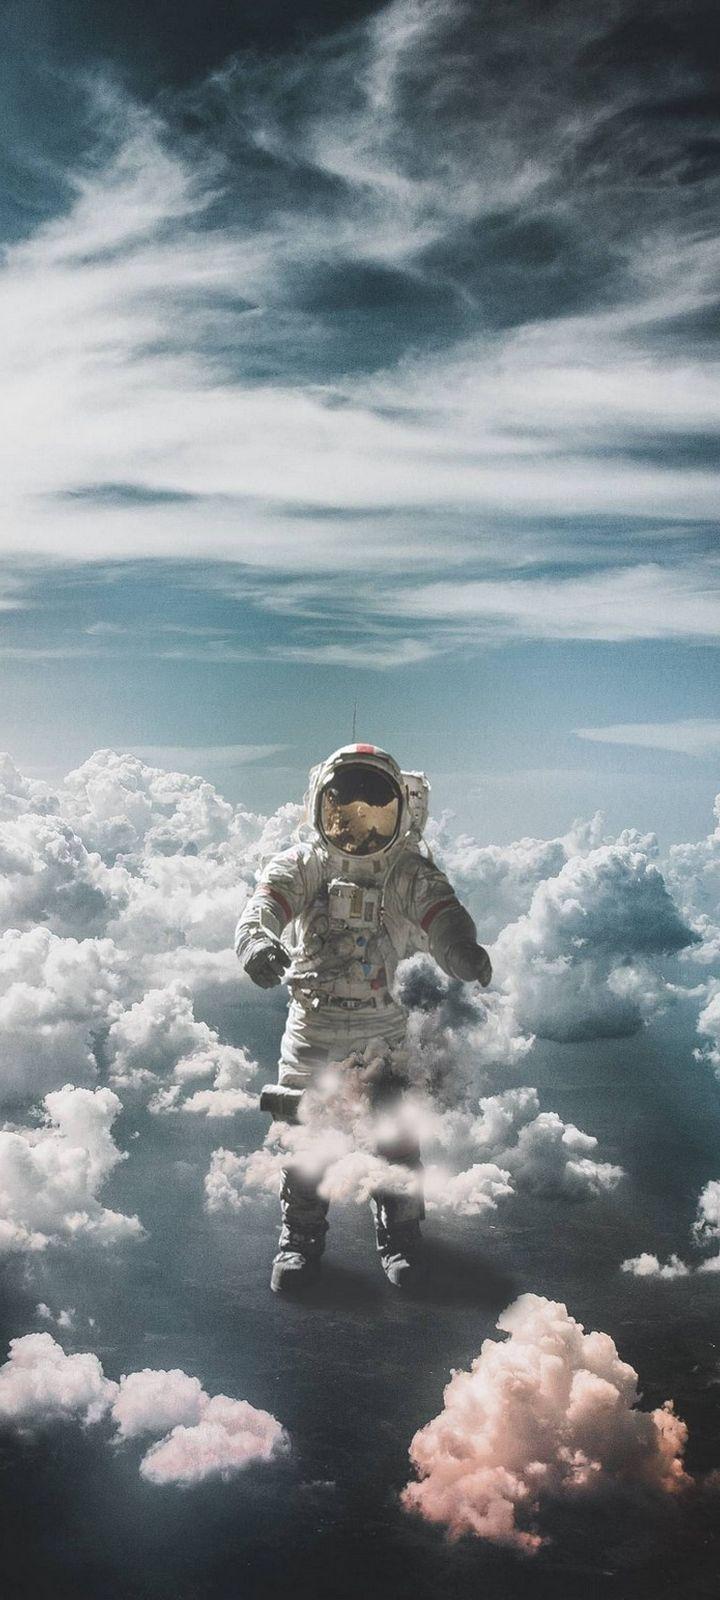 Astronaut Suit Space Clouds Wallpaper 720x1600